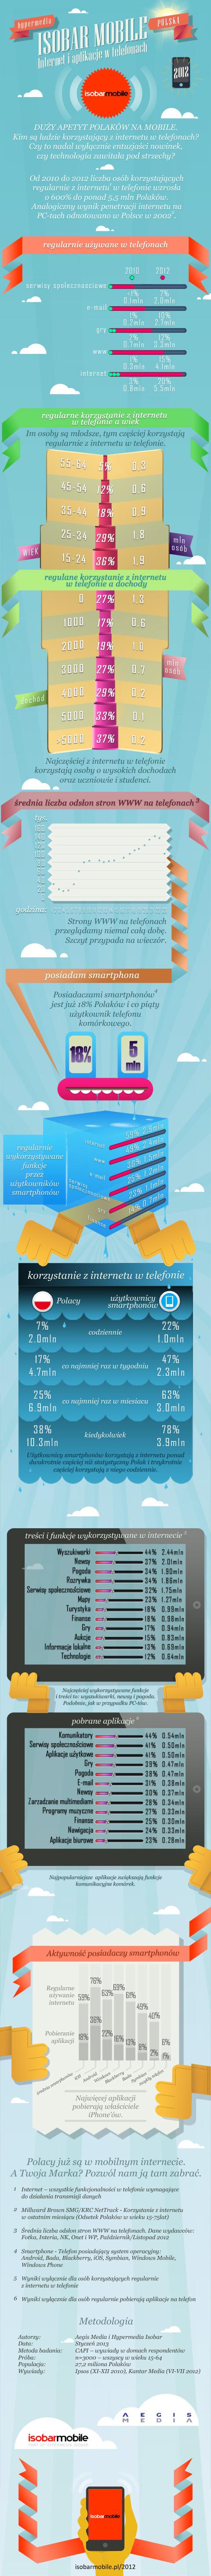 Isobar Mobile - infografika. Fot. Hypermedia Isobar